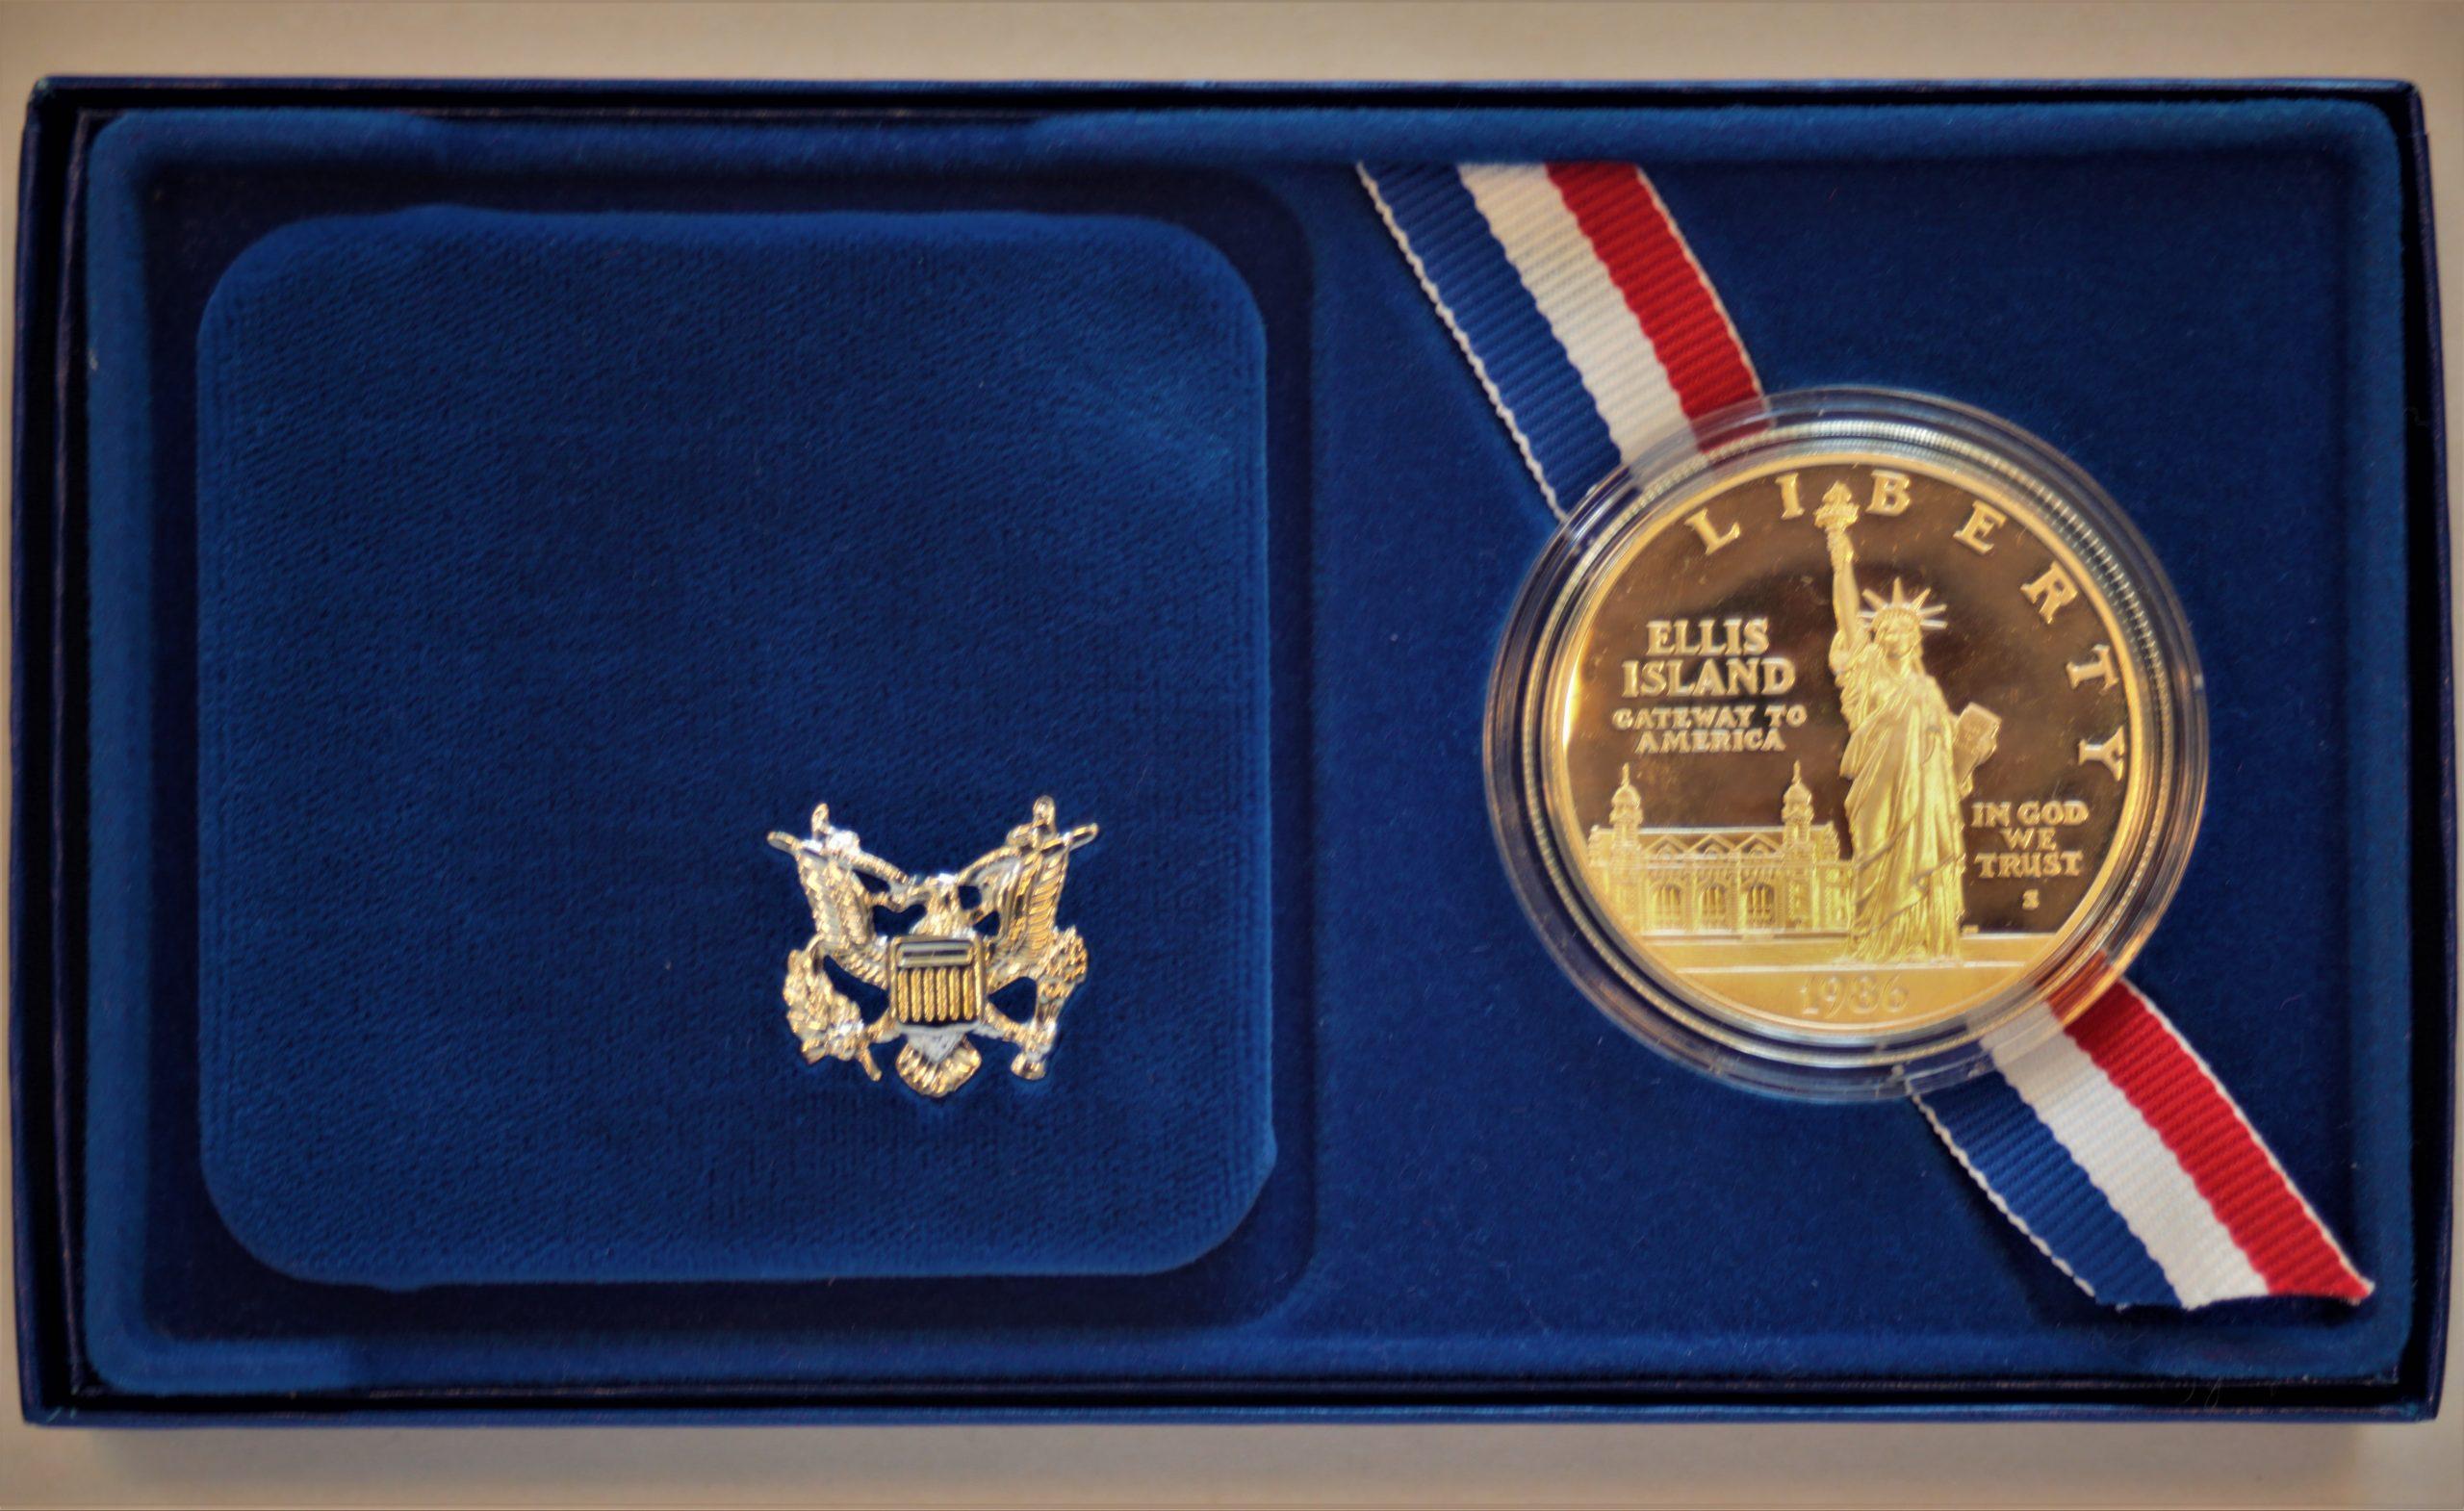 ONE DOLLAR. USA. 1986.  Jungtinių Valstijų Laisvės moneta. Sidabras. Autorius nežinomas